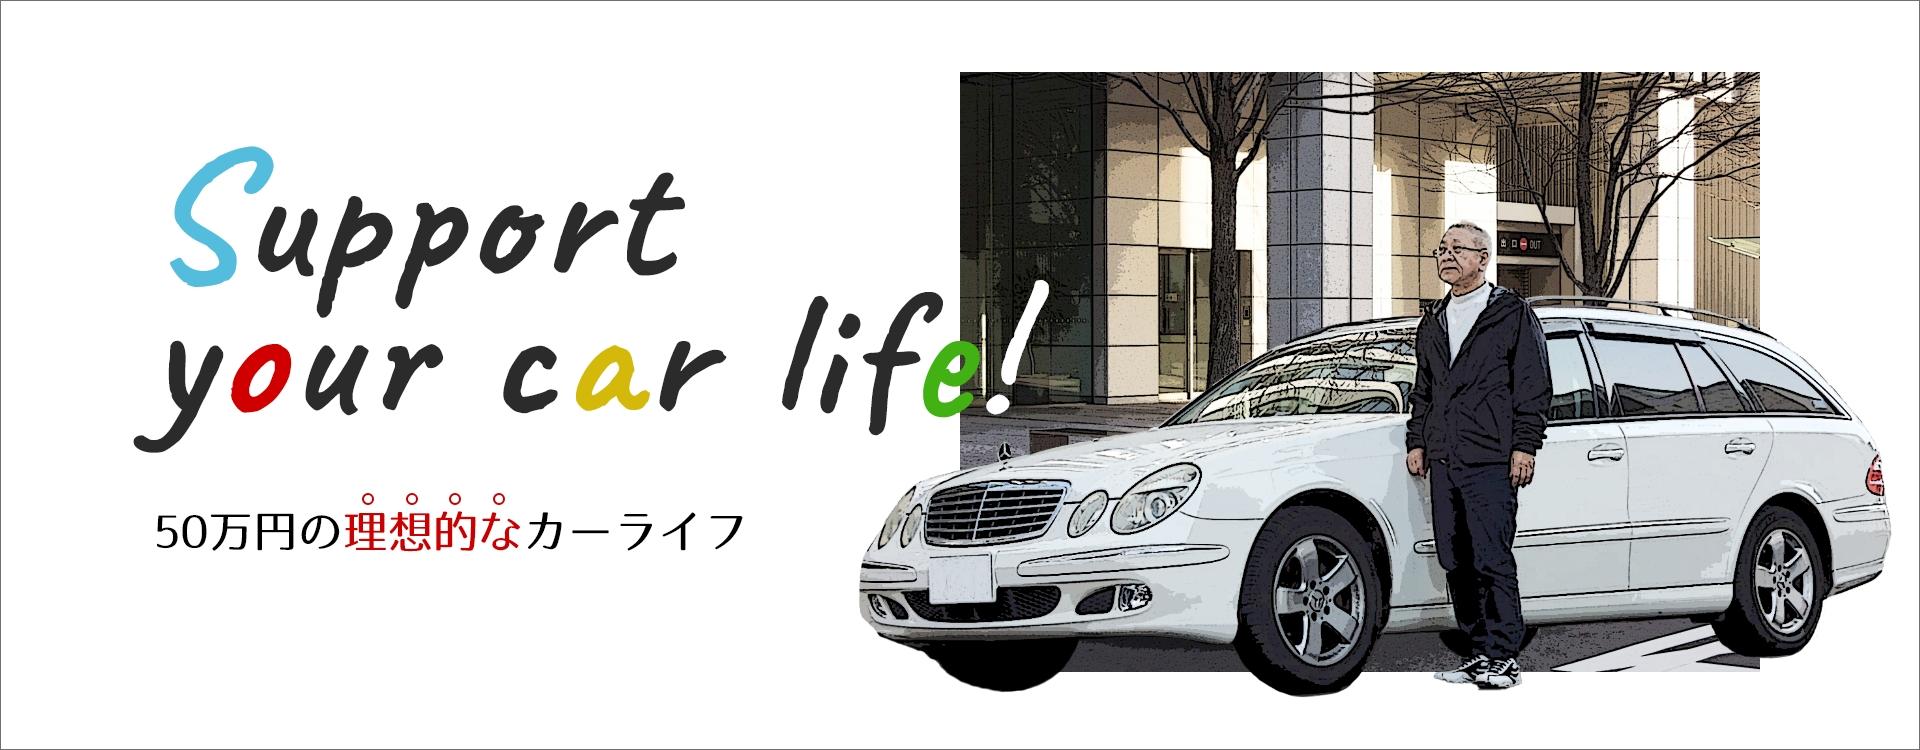 Support your car life! 50万円の理想的なカーライフ